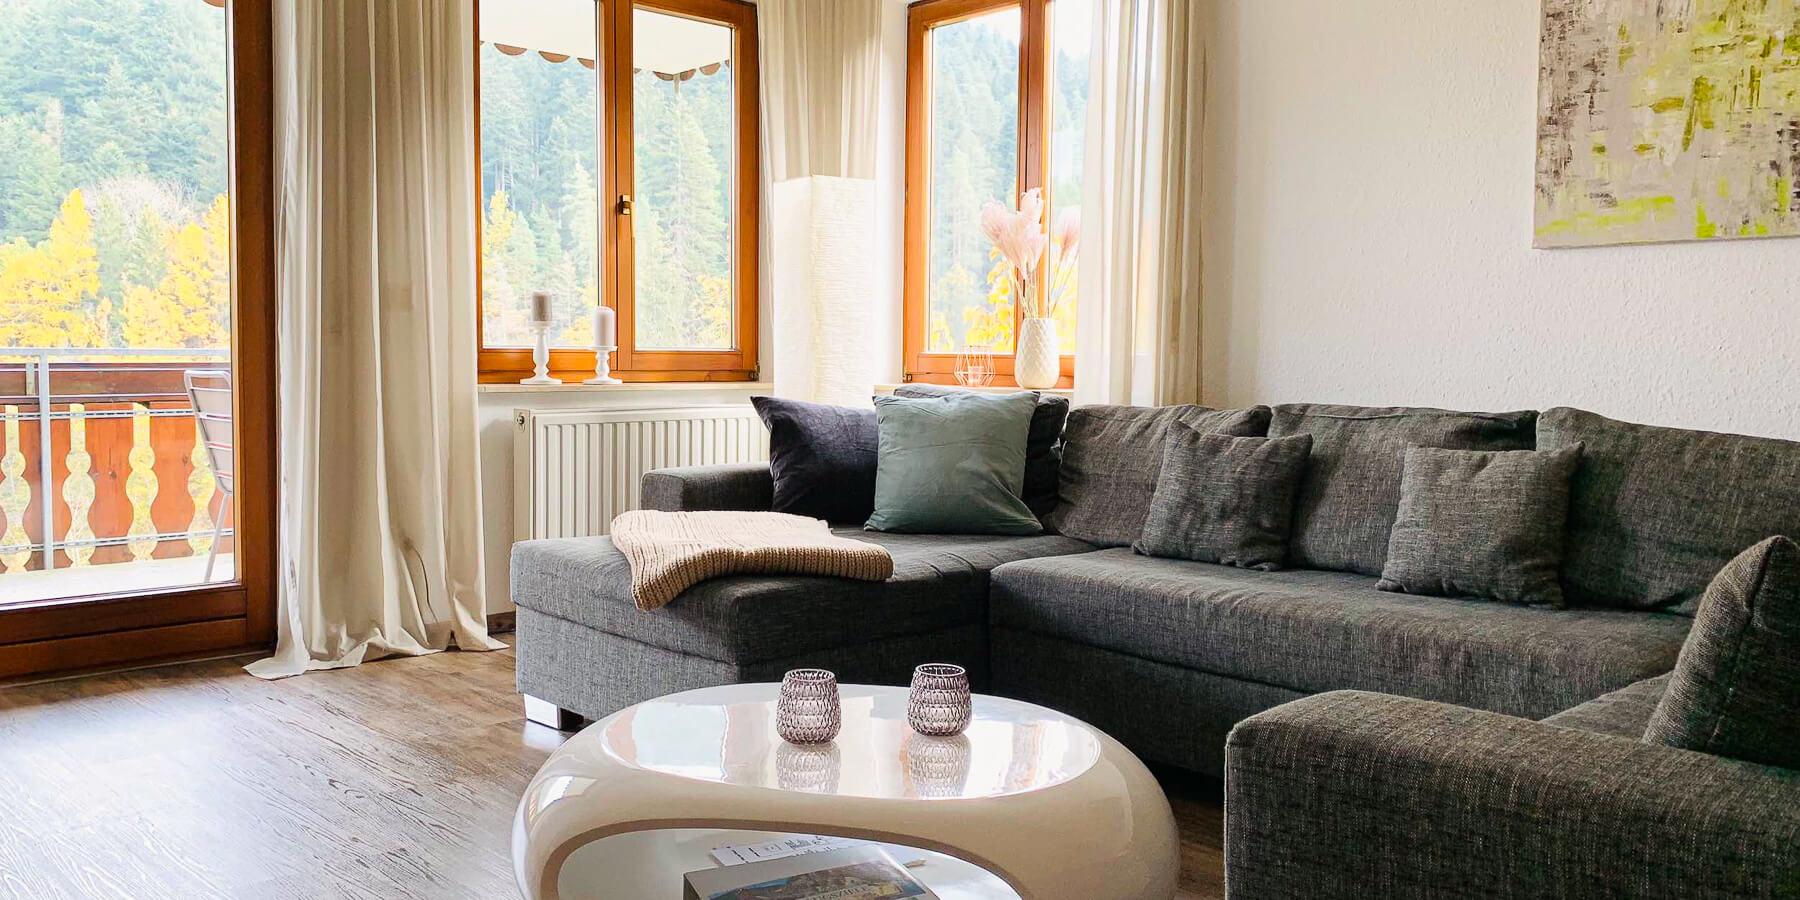 Wellness-Appartment Waldwiese im Schwarzwald: Wohnzimmer mit Balkon und Blick auf den Wald